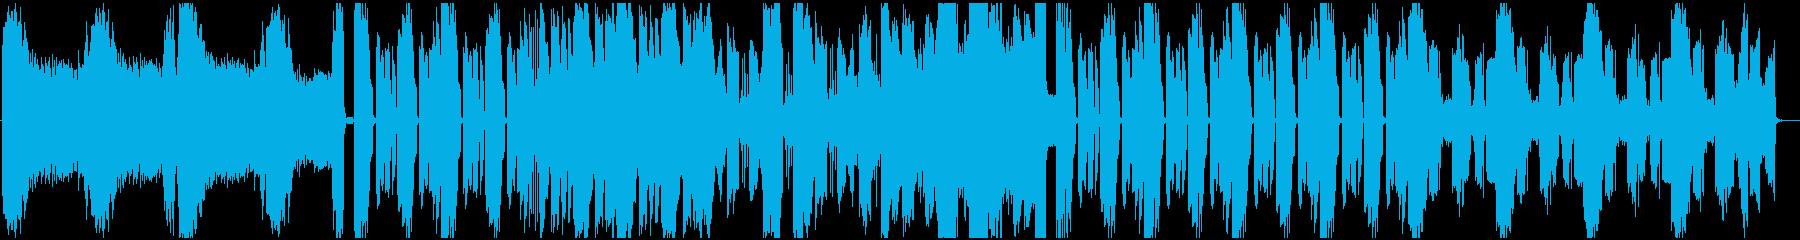 インダストリアル系ダブステップ ハードの再生済みの波形